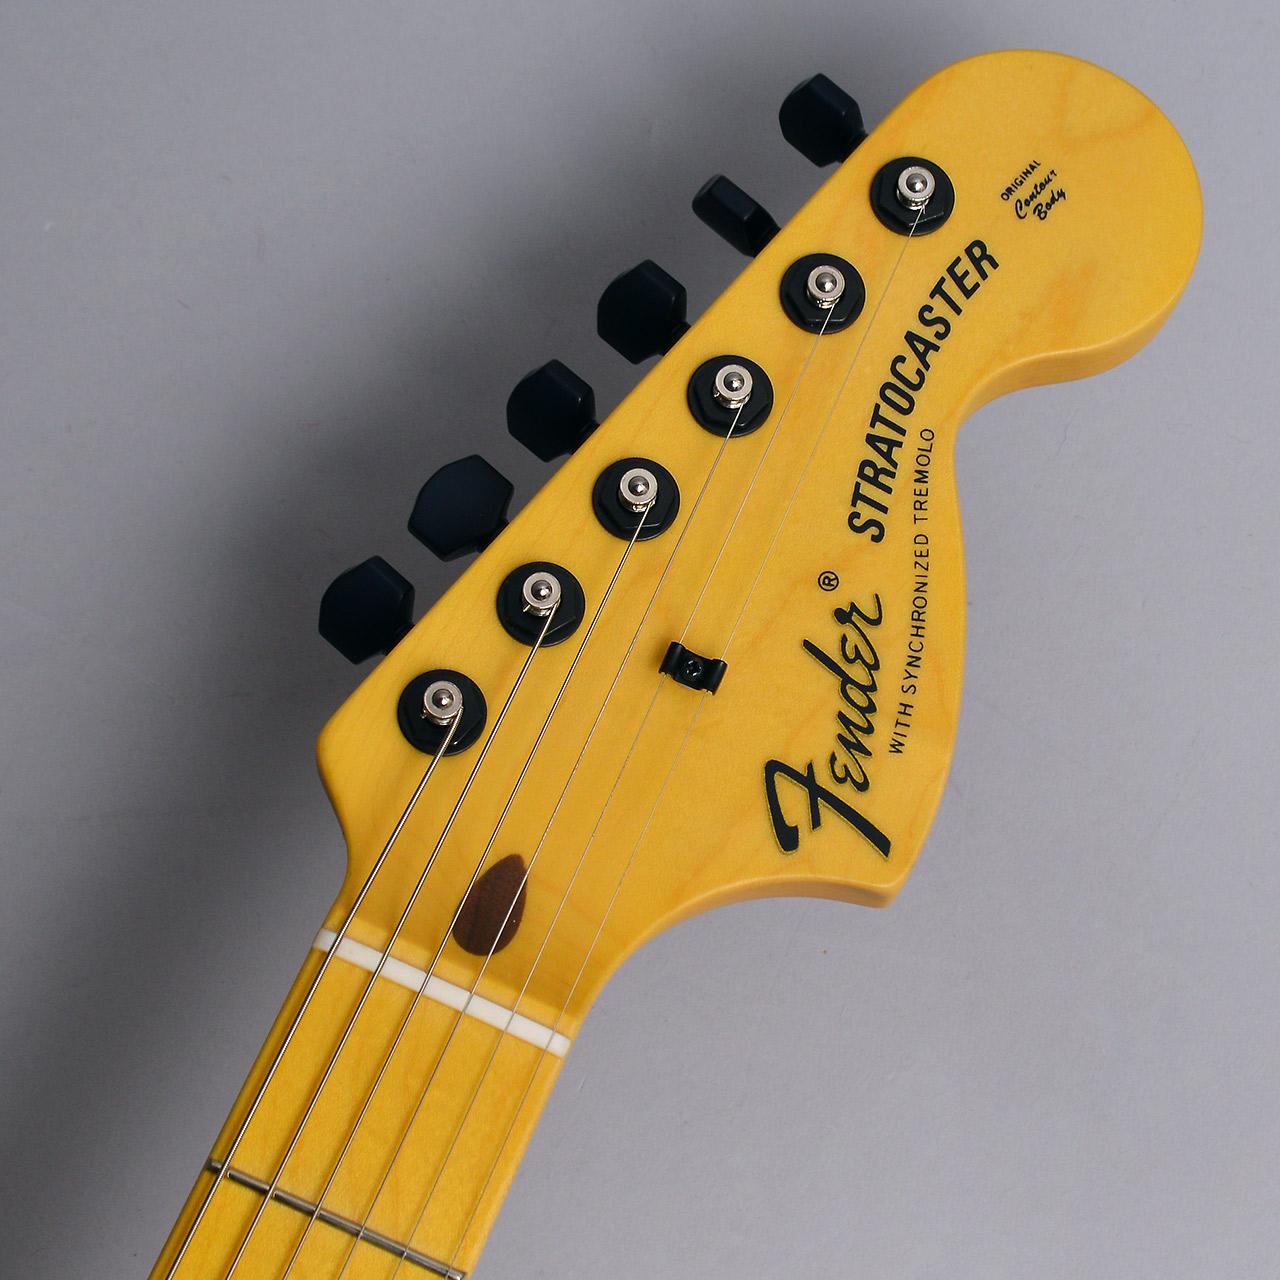 Ken Stratocasterのヘッド画像